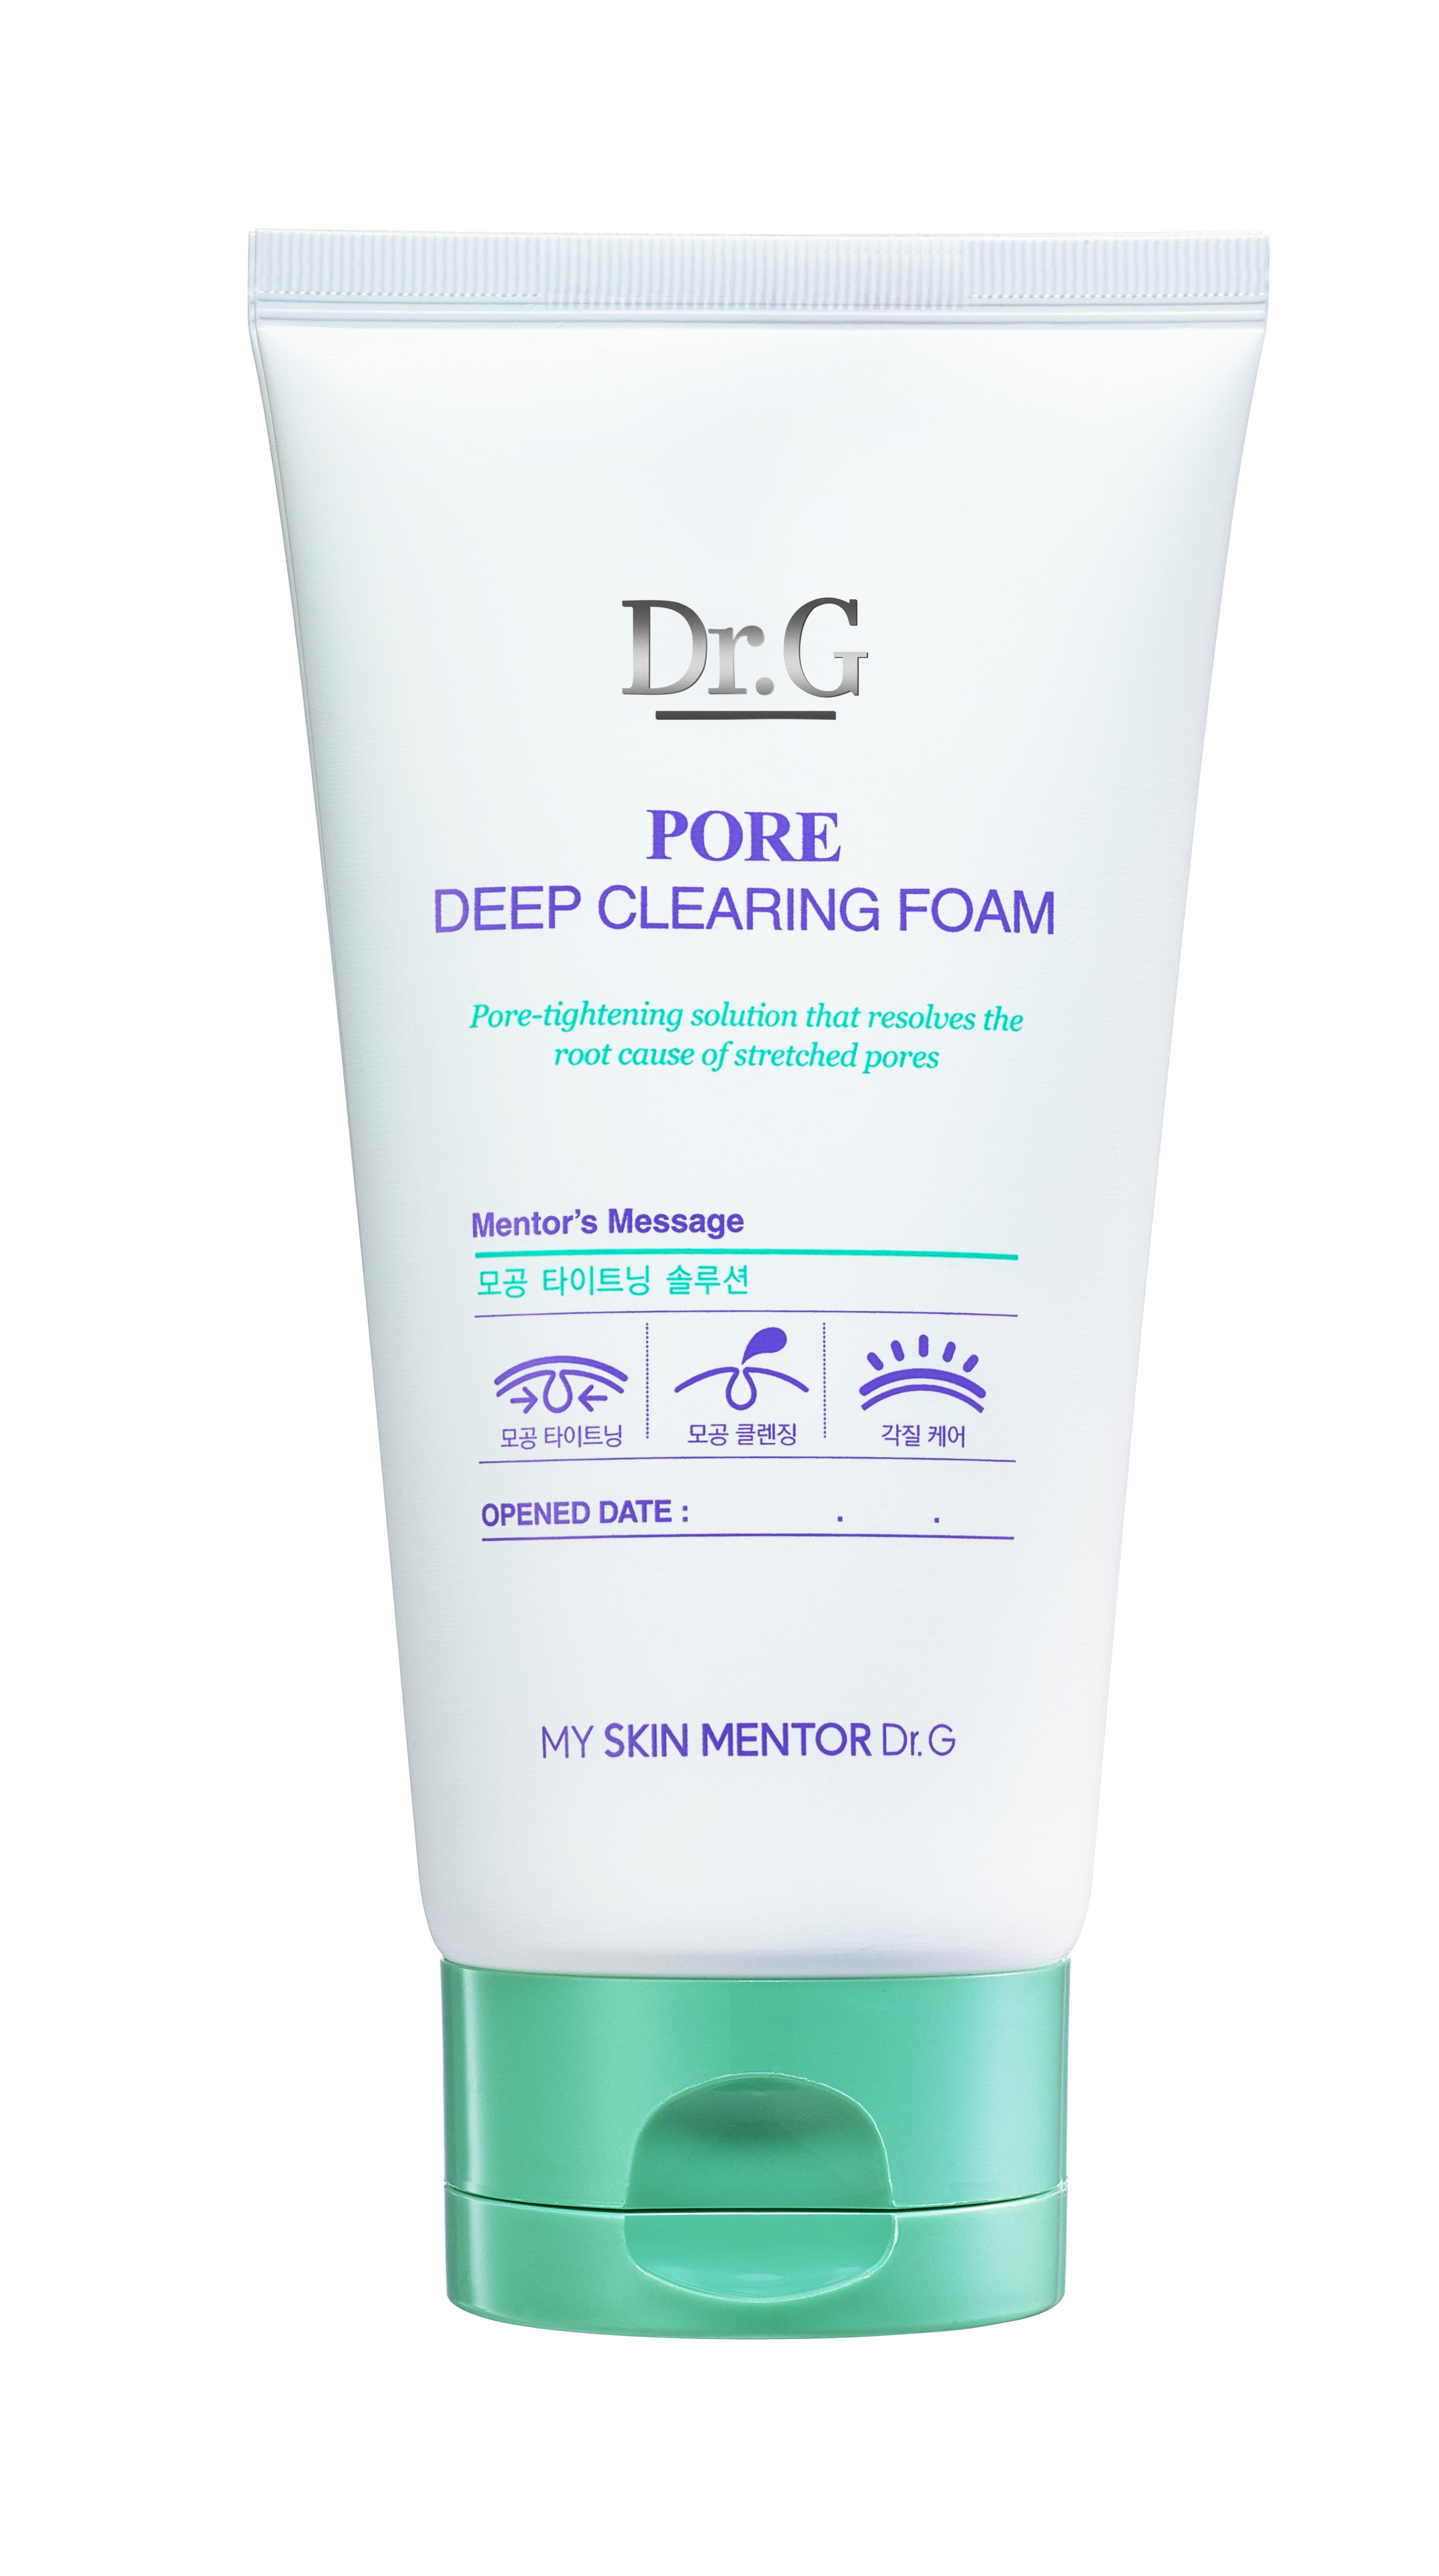 Dr. G Пенка очищающая для сужения пор Pore, 150 млDG134229Глубоко очищающая пенка эффективно очищает поры и растворяет угри, сальные пробки, отшелушивает омертвевшие клетки. Способствует выравнивниванию тона и сужает расширенные поры. Сохраняет кожу матовой, чистой и свежей. Подходит для ежедневного применения.